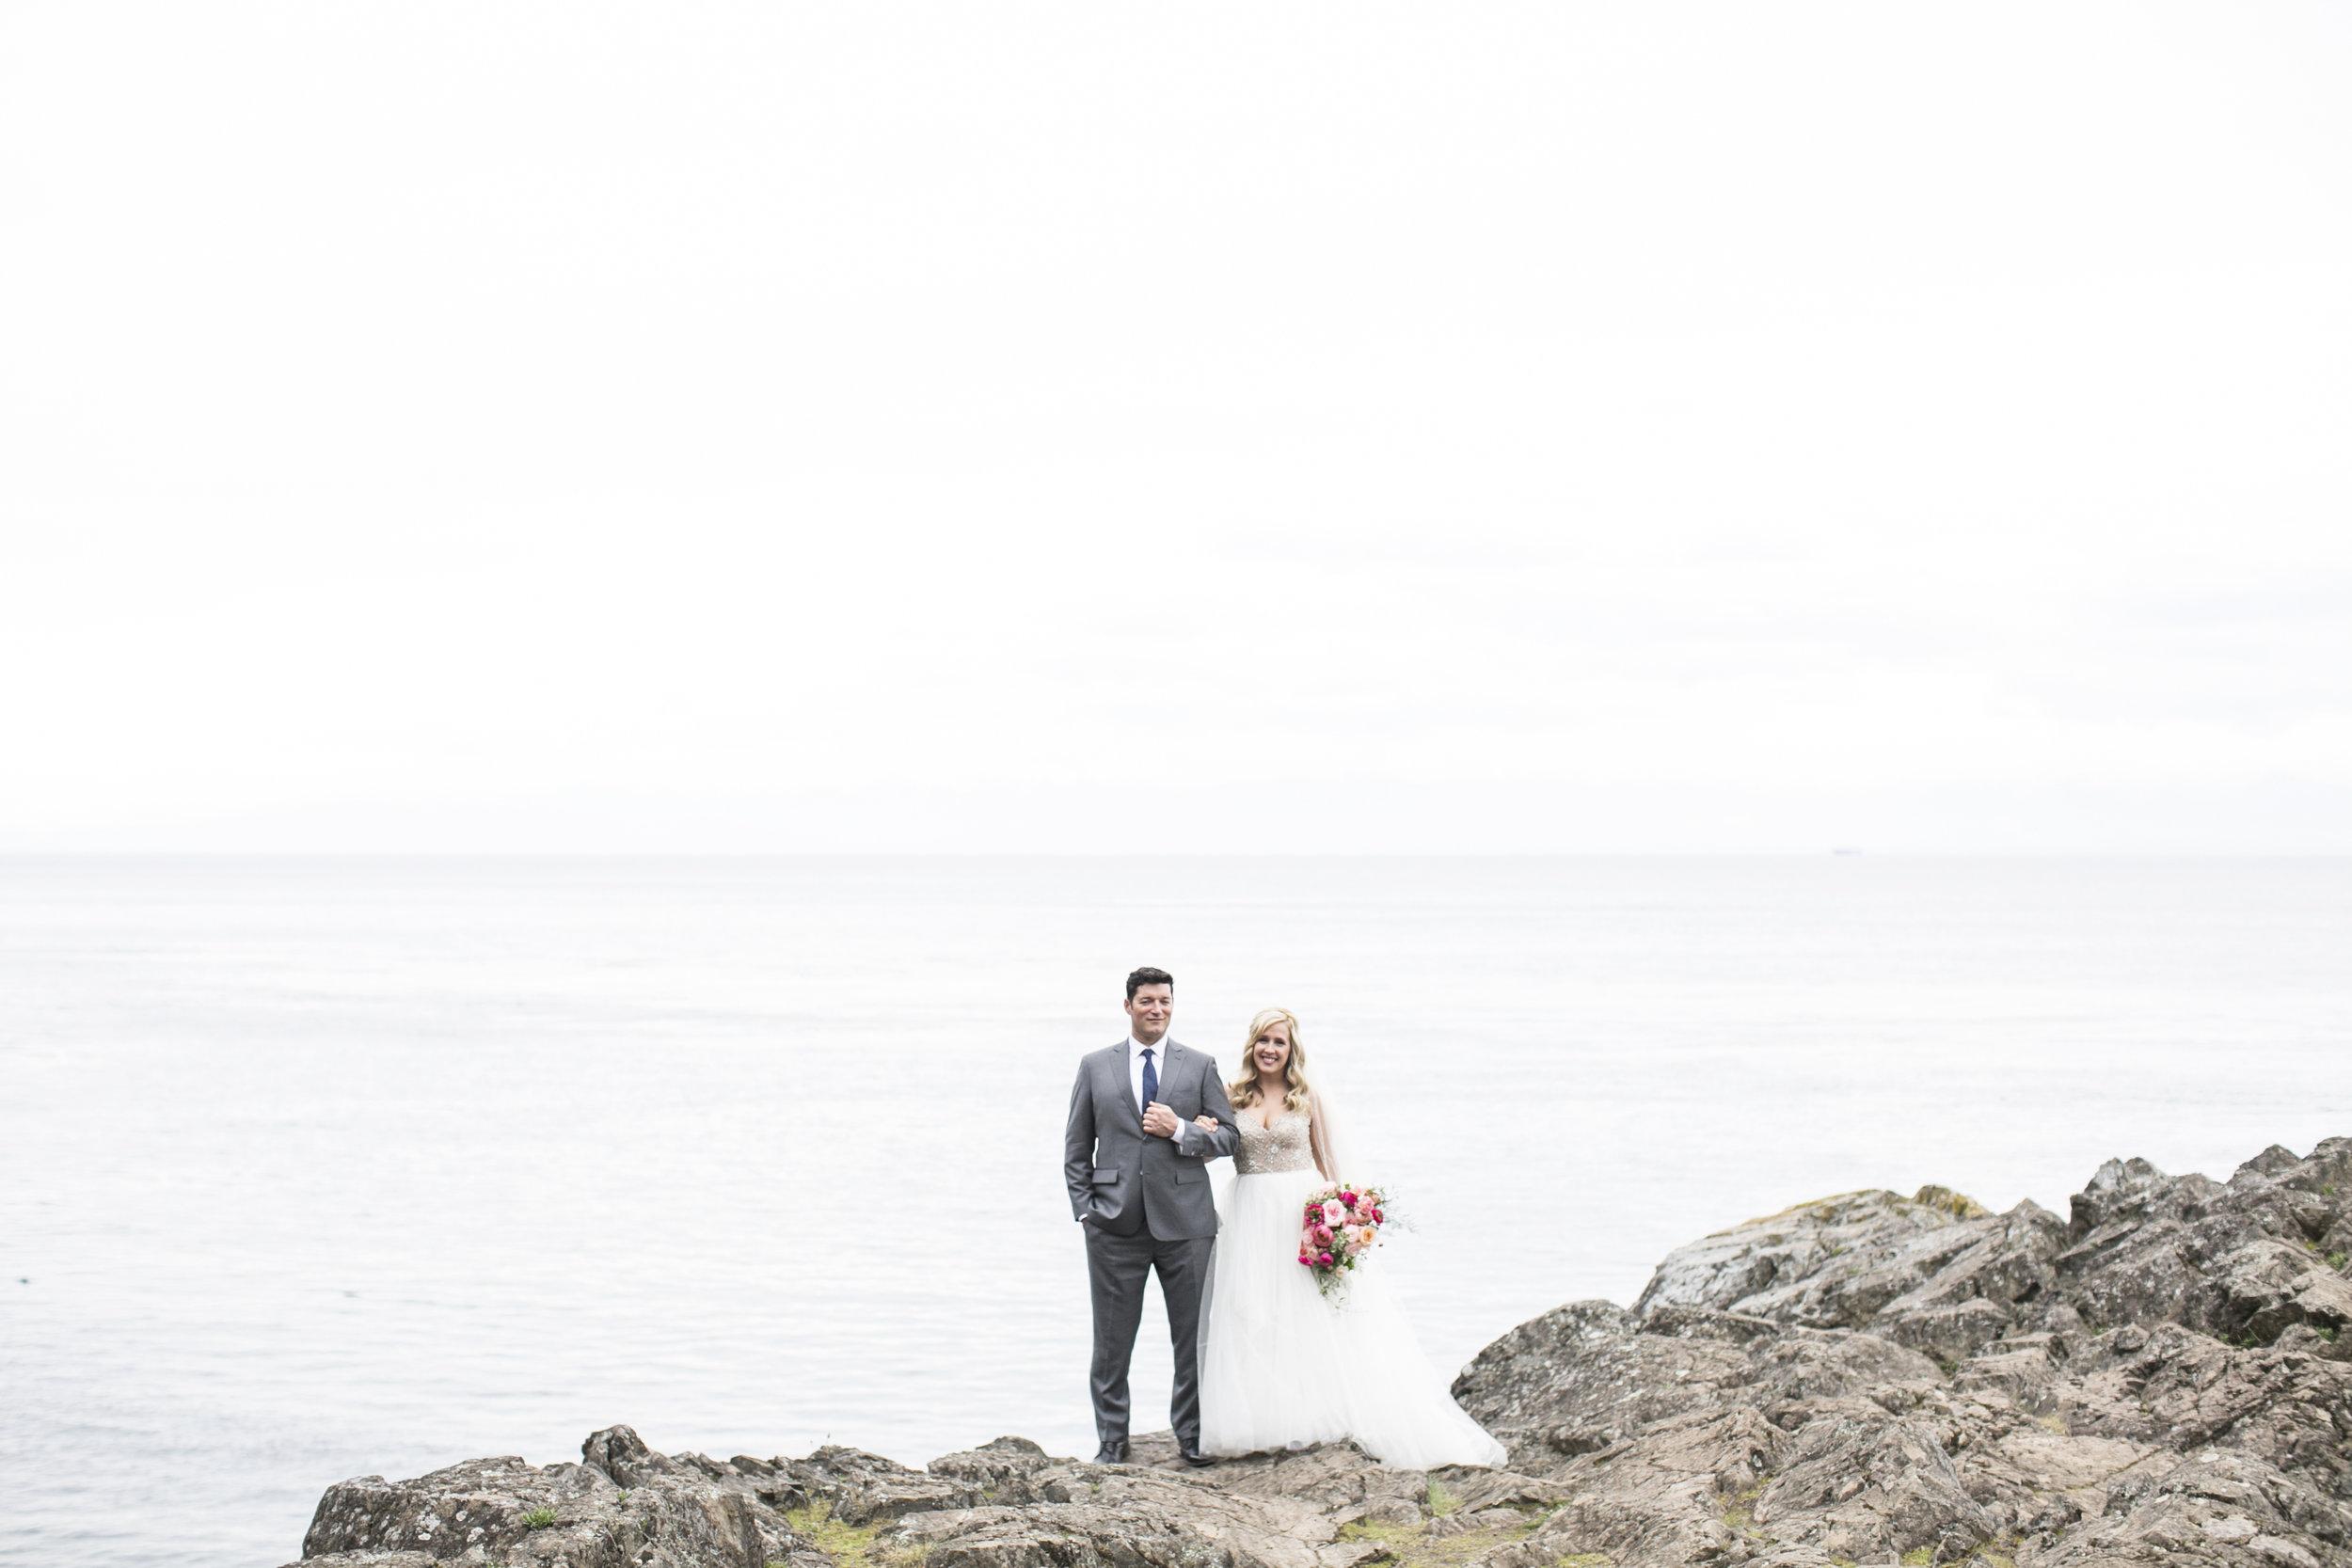 Roche-Harbor-Hull-Varnes-Wedding-0046Katie-Parra.JPG